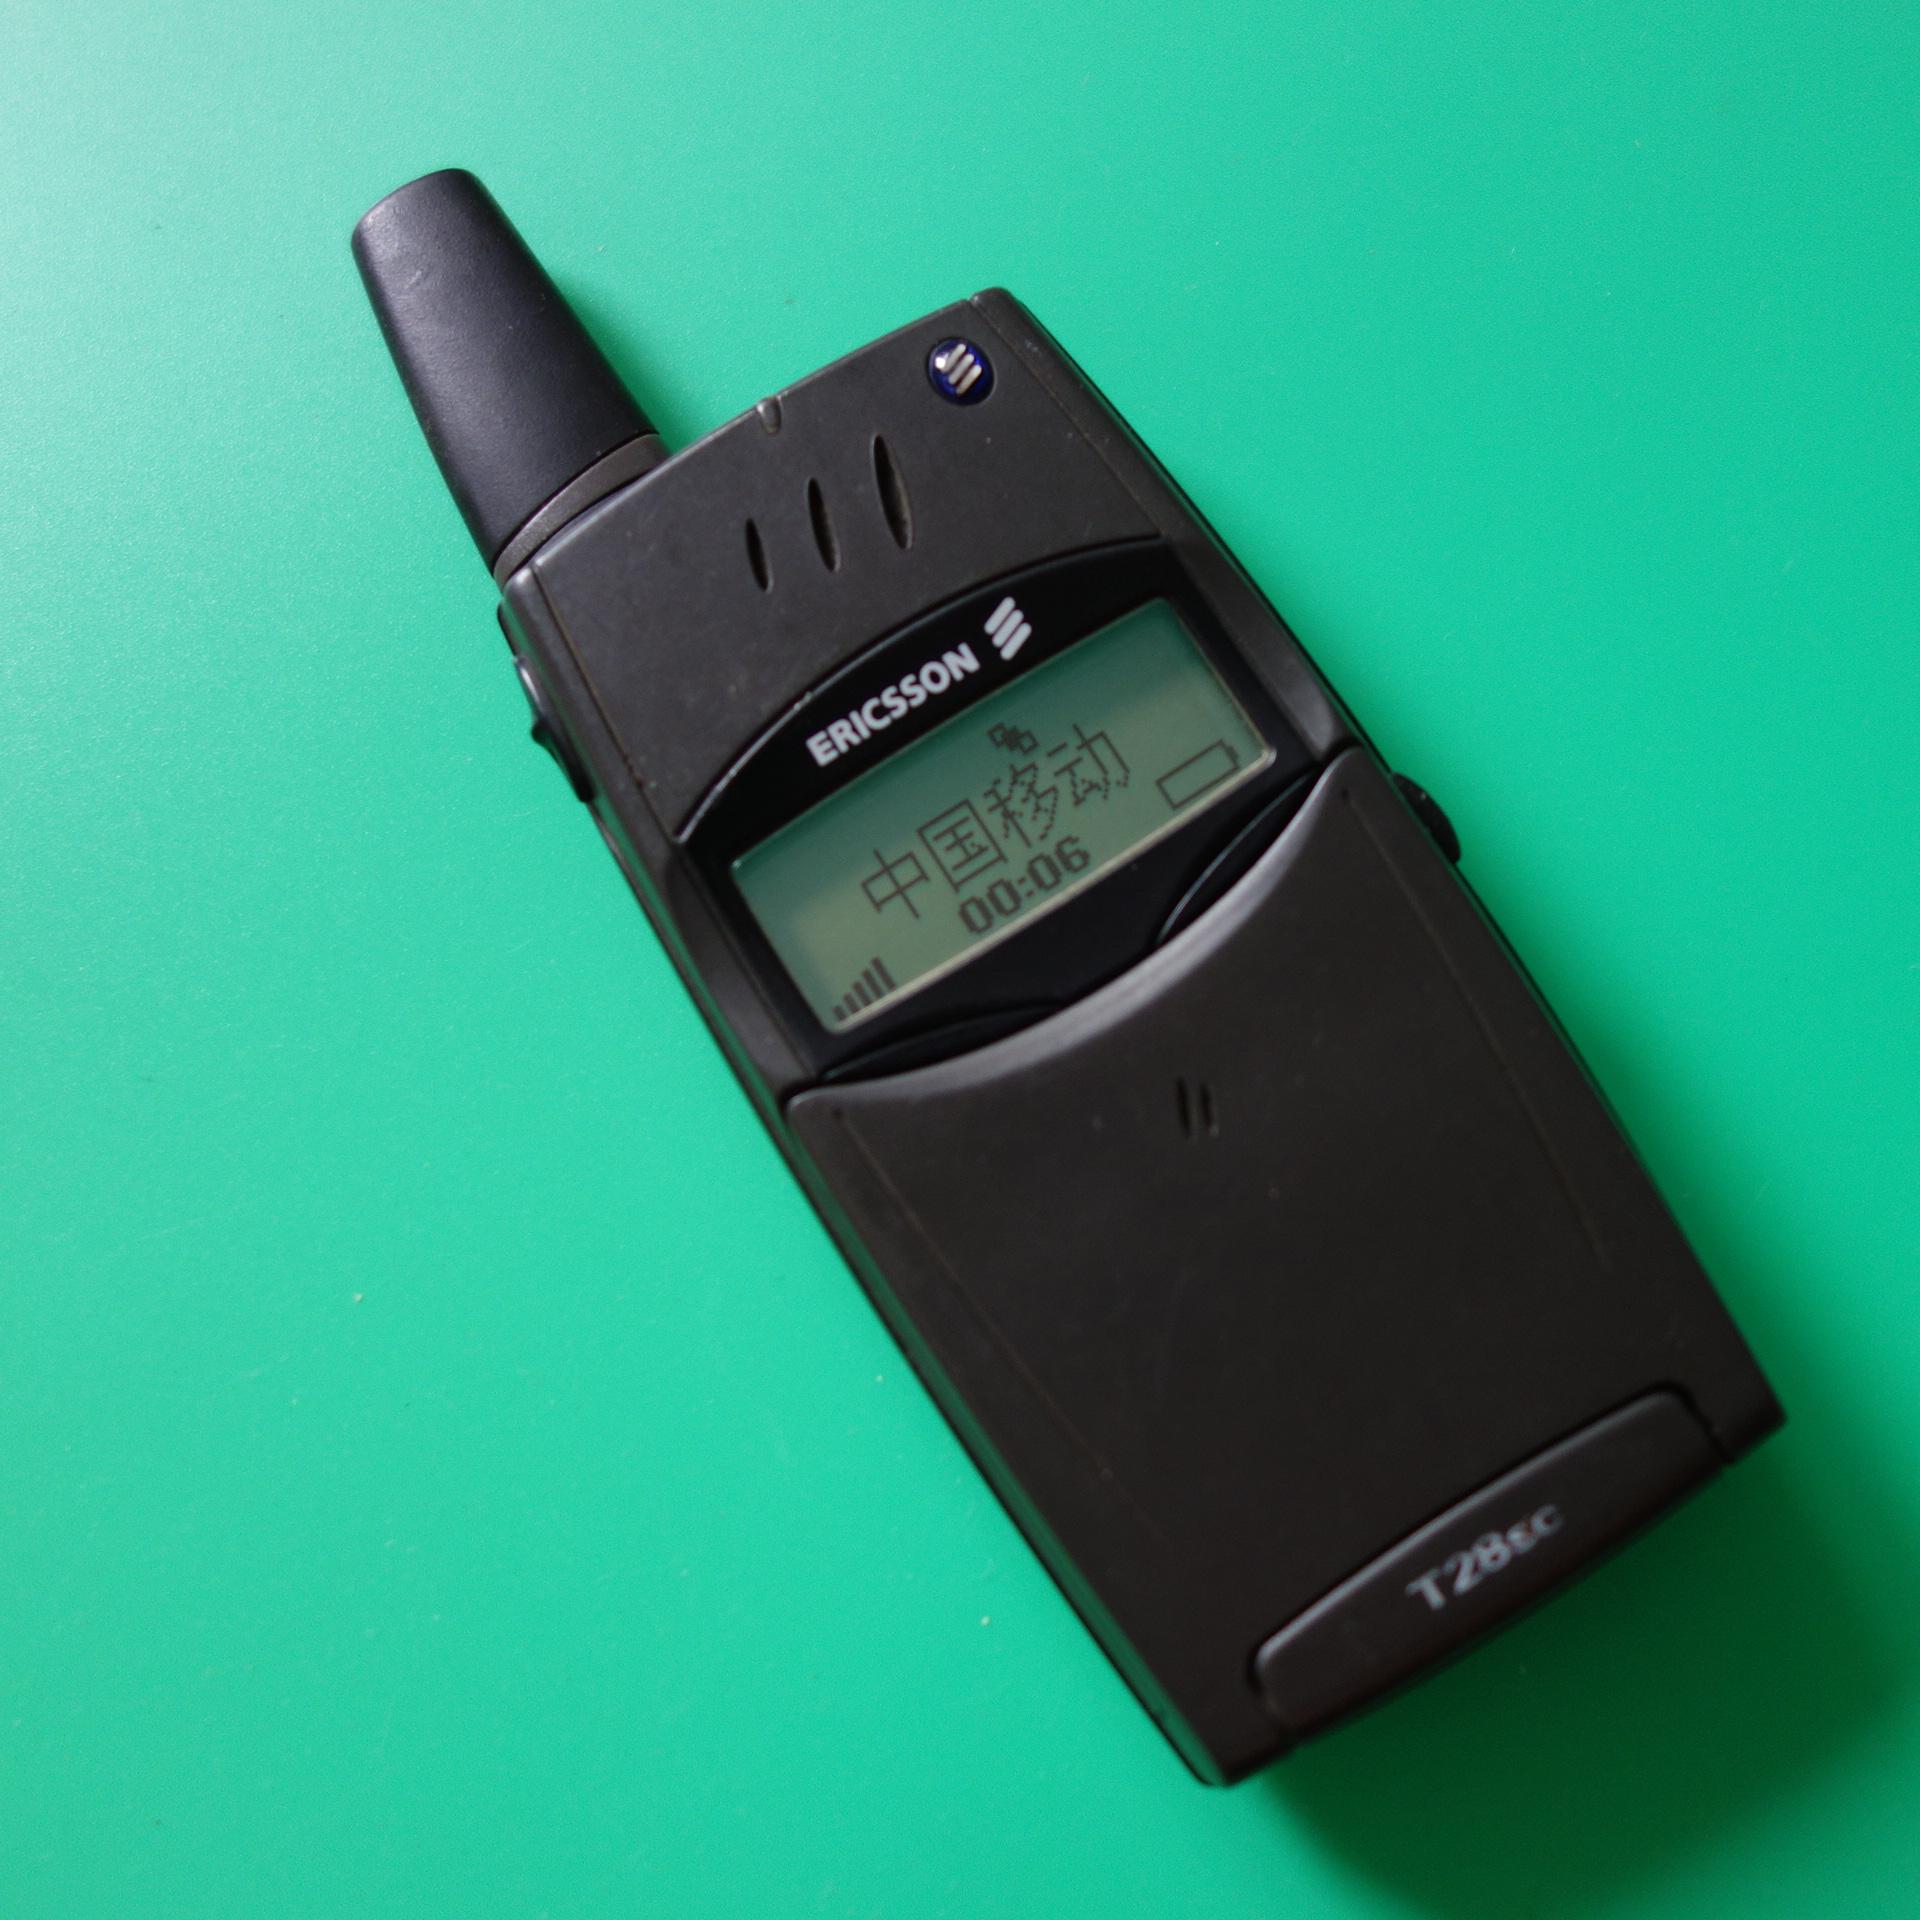 原装爱立信T28SC二手爱立信T28手机古董经典下翻盖备用收藏老手机